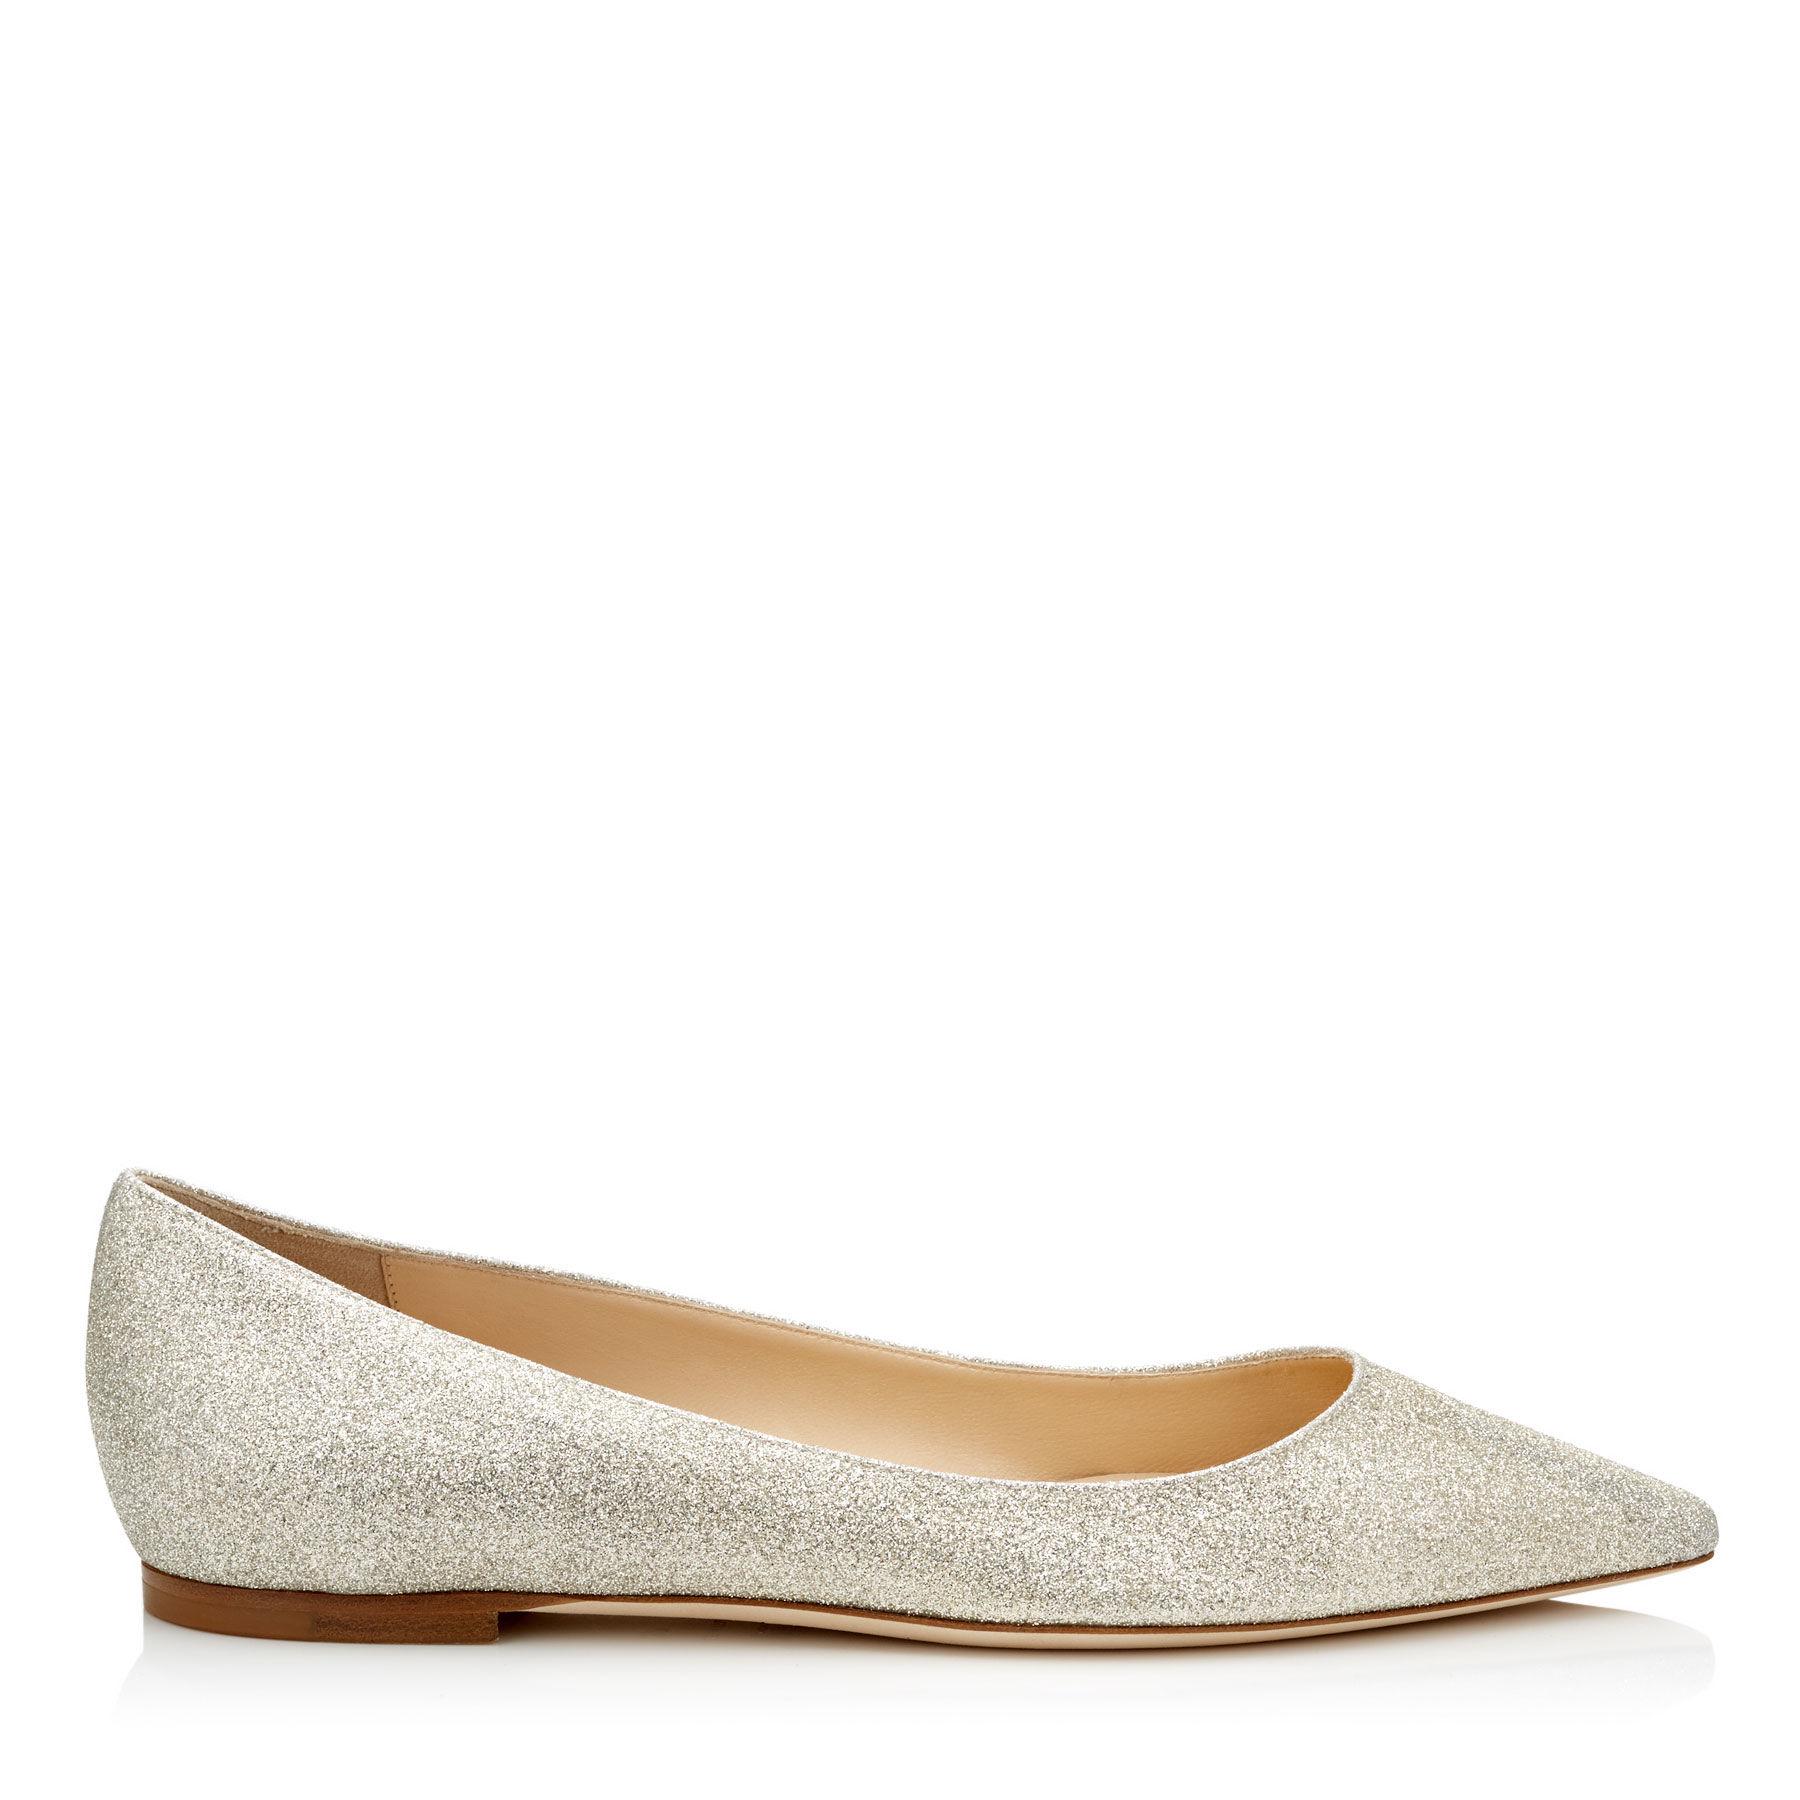 Come-scegliere-le-scarpe-giuste-per-sposarsi-7